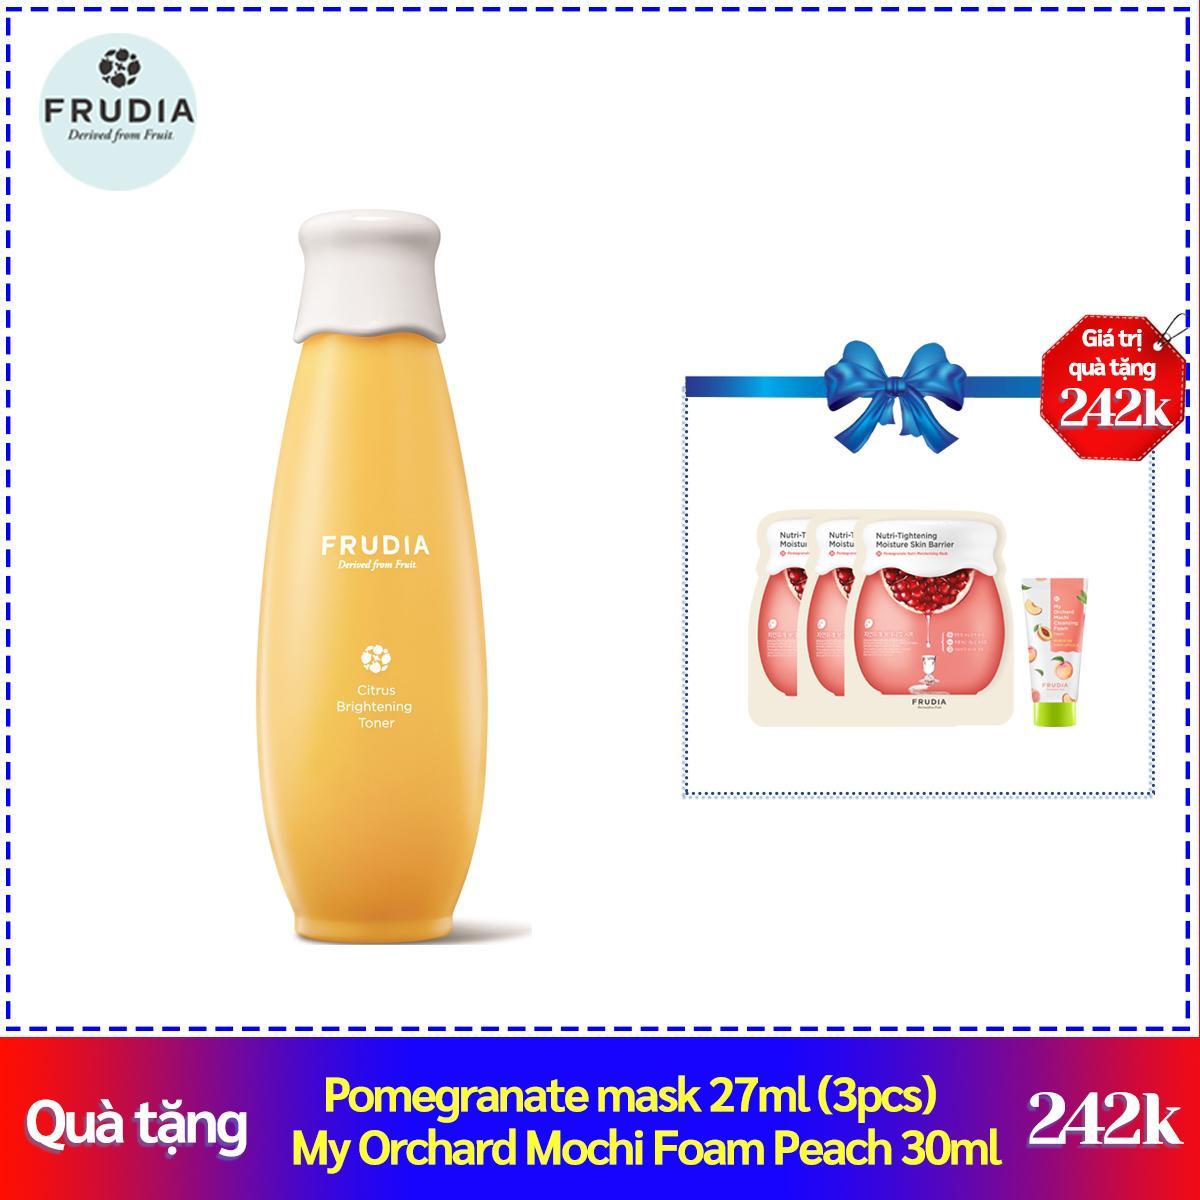 Nước Hoa Hồng Dưỡng Trắng Sáng Chiết Xuất Cam Quýt Frudia Citrus Brightening Toner 195ml cao cấp